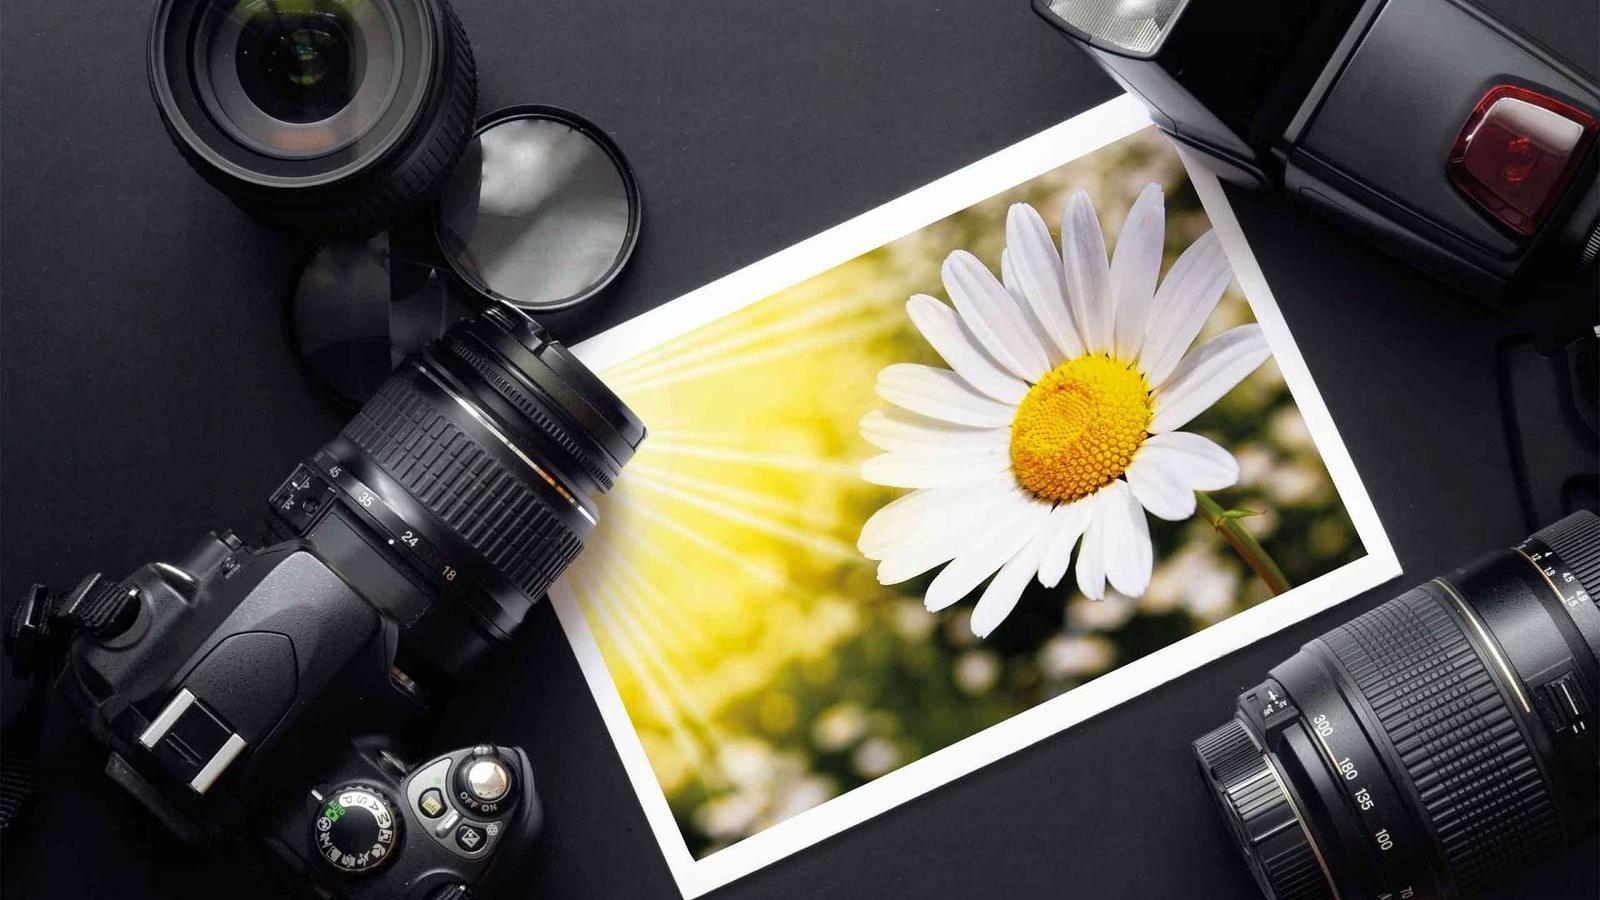 Как из фотопленки сделать цифровые фото